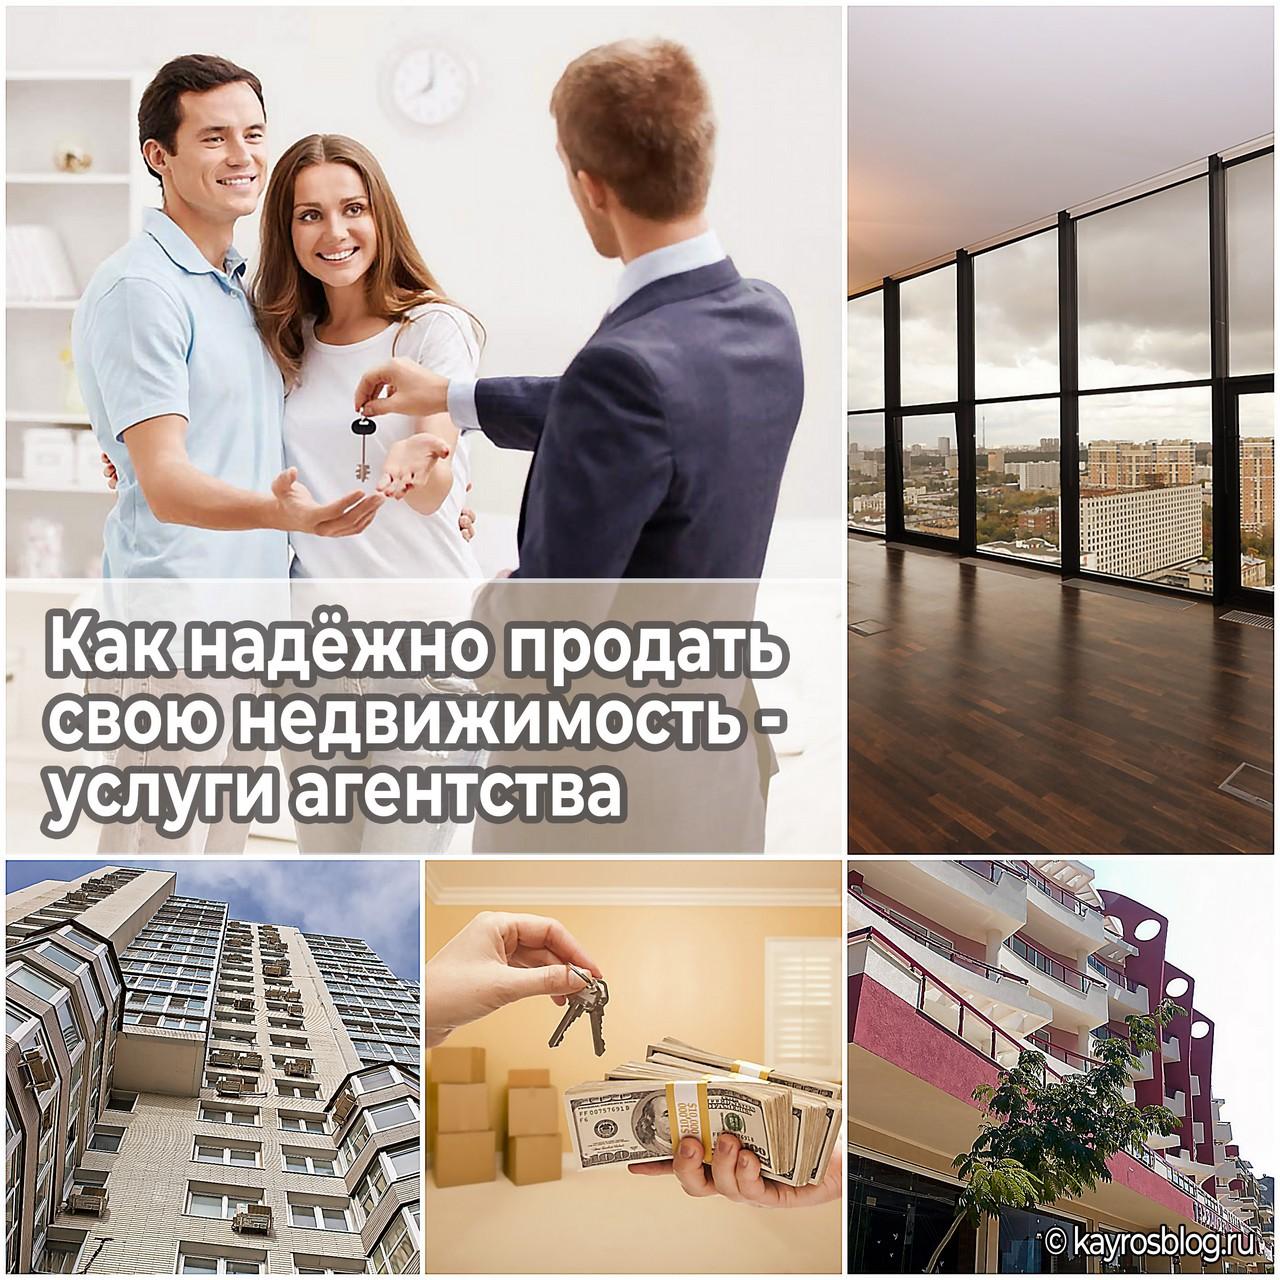 Как надёжно продать свою недвижимость - услуги агентства